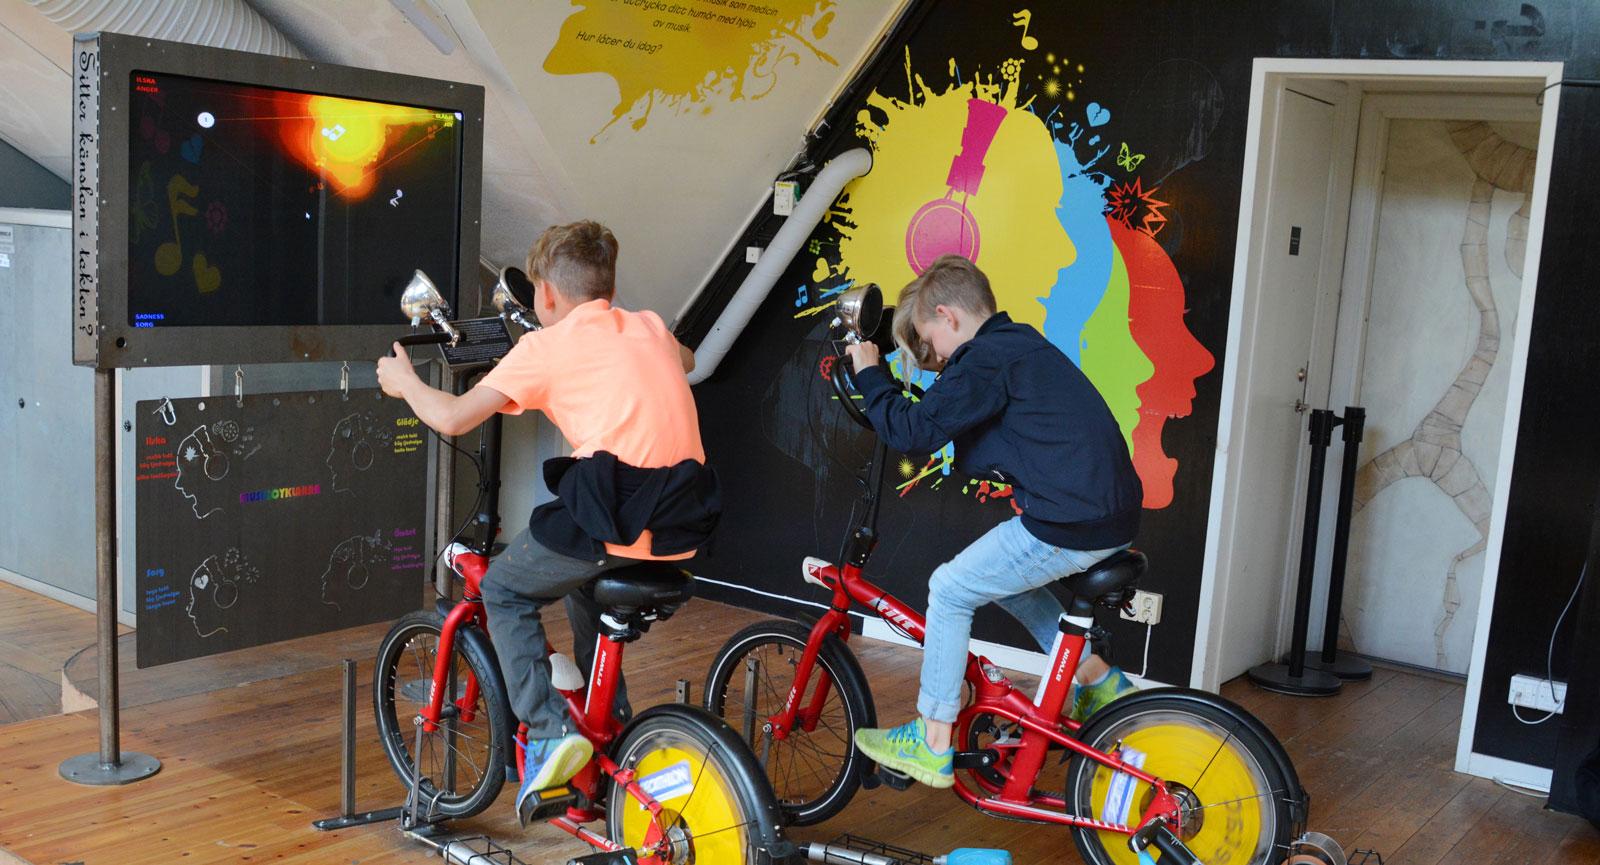 Varierat. Här gäller det att cykla för att påverka musiken som spelas i högtalarna. Musiken spelas glatt, sorgset eller argt beroende på hur man cyklar.